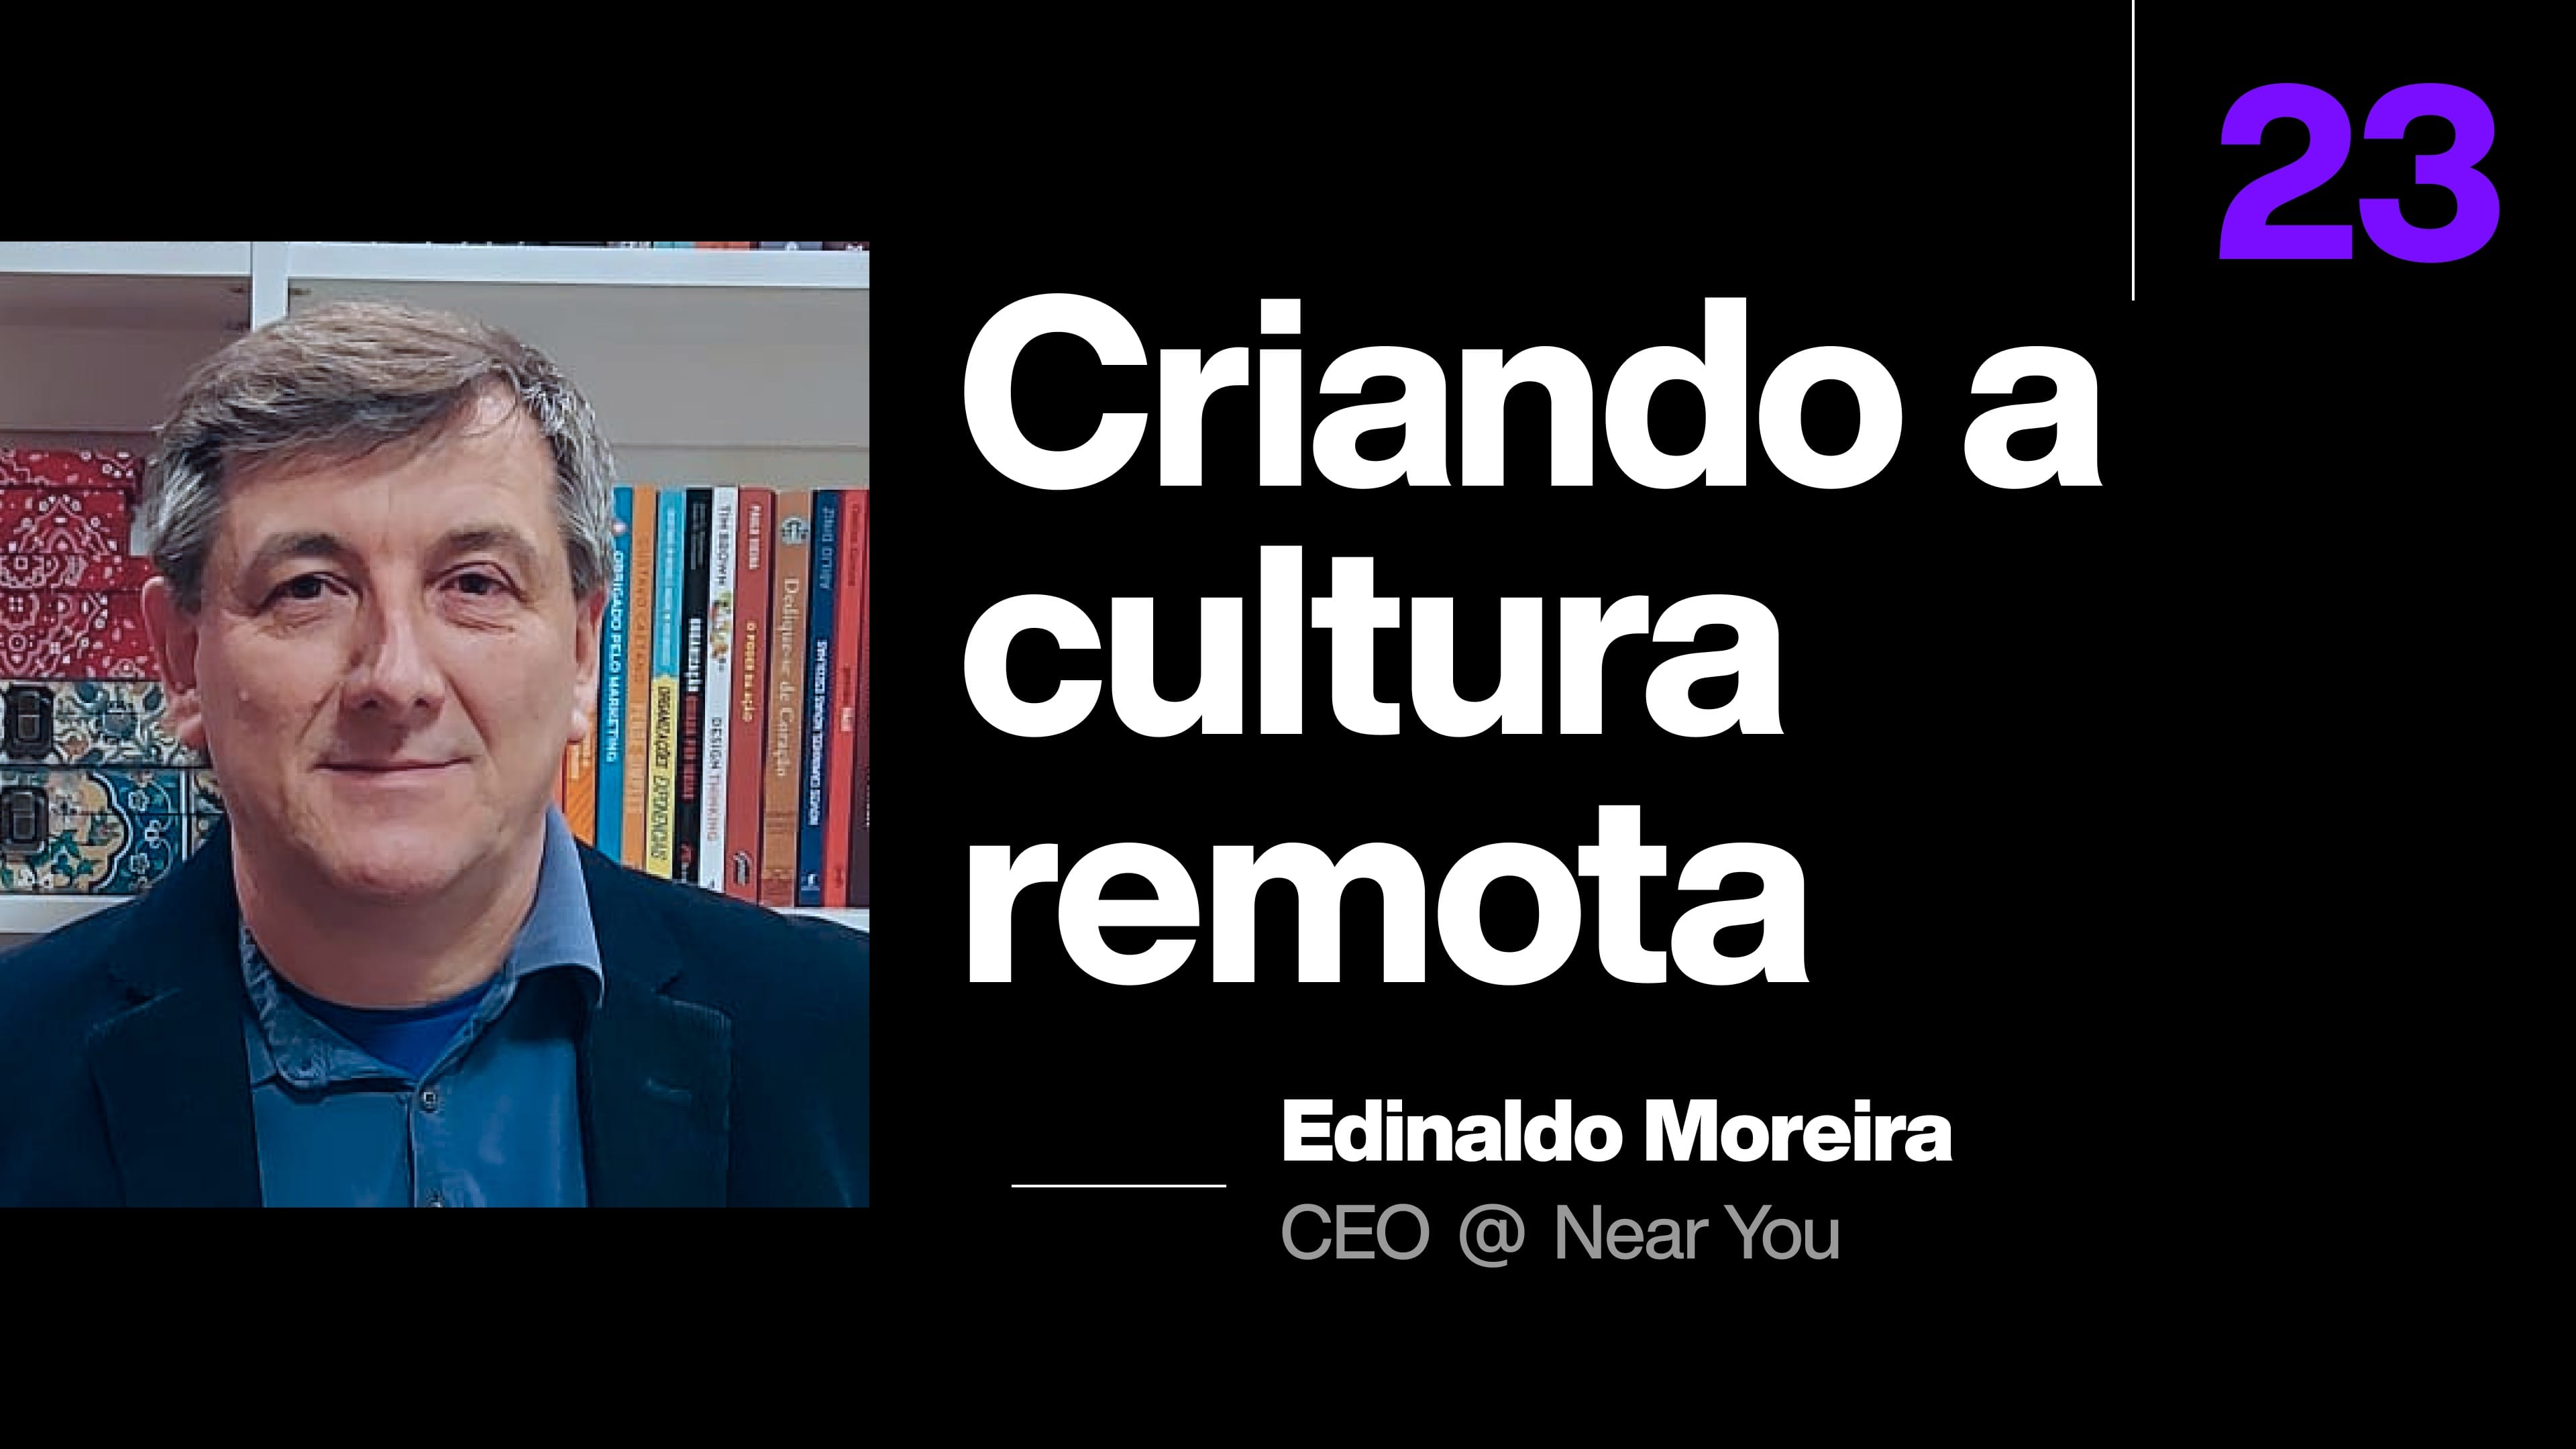 Criando uma cultura remota do zero